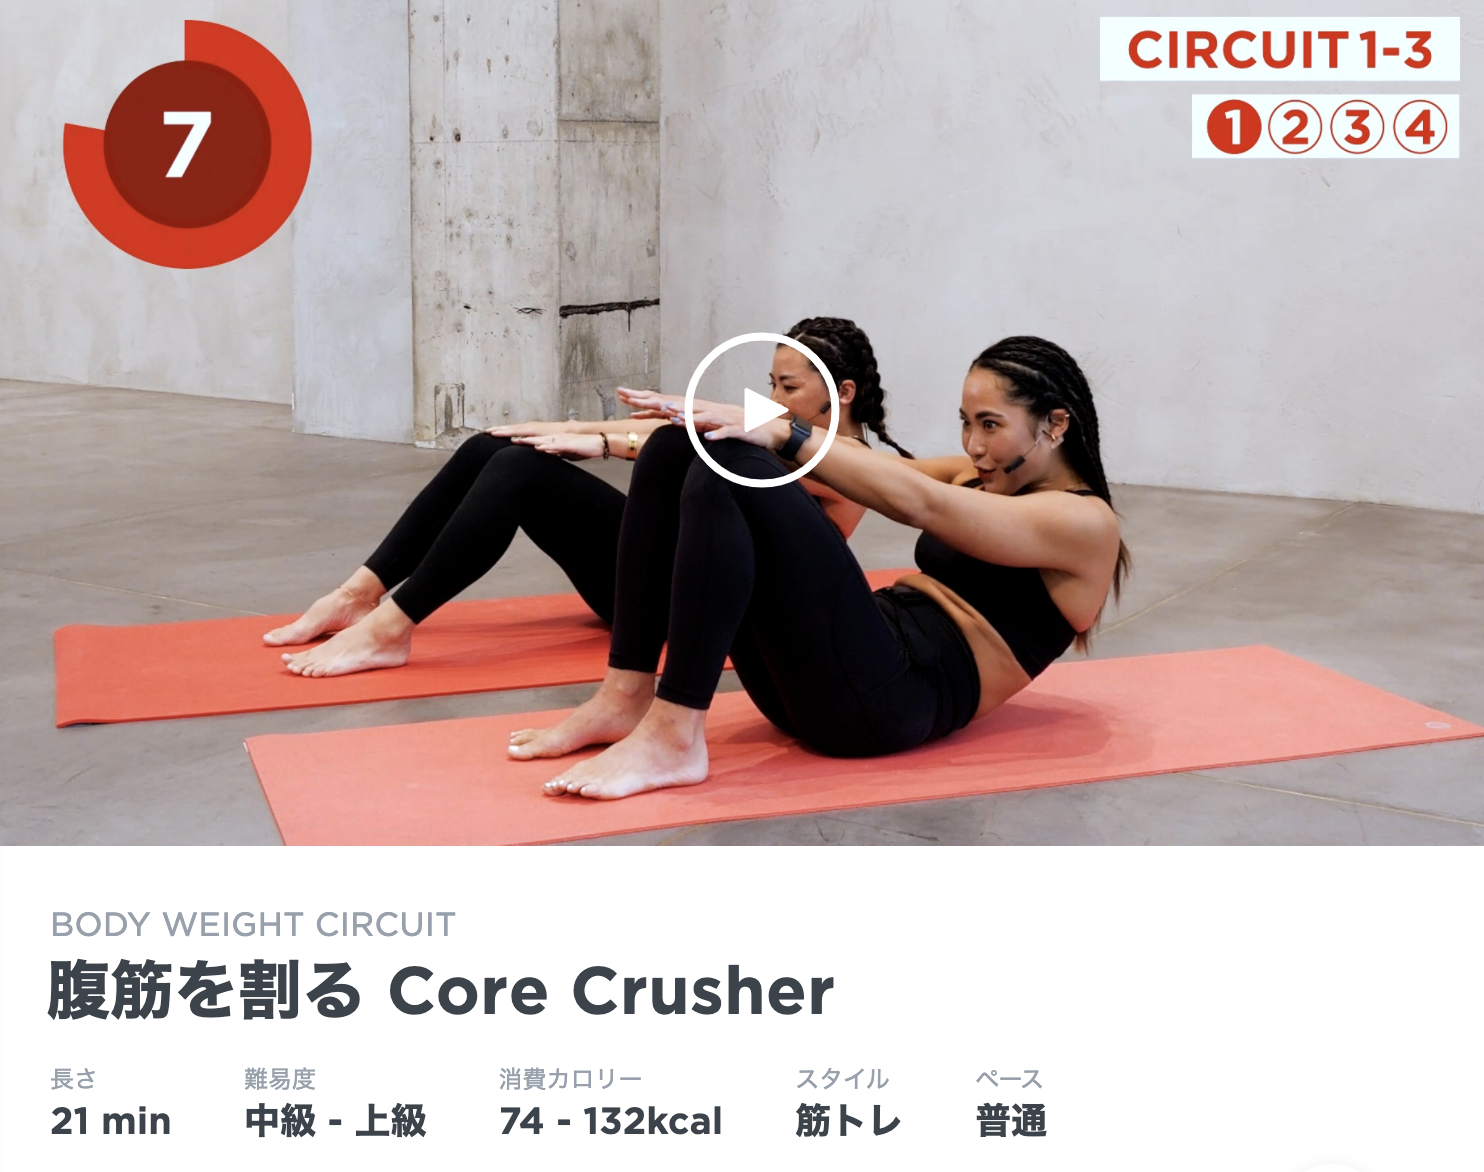 腹筋を割る Core Crusher